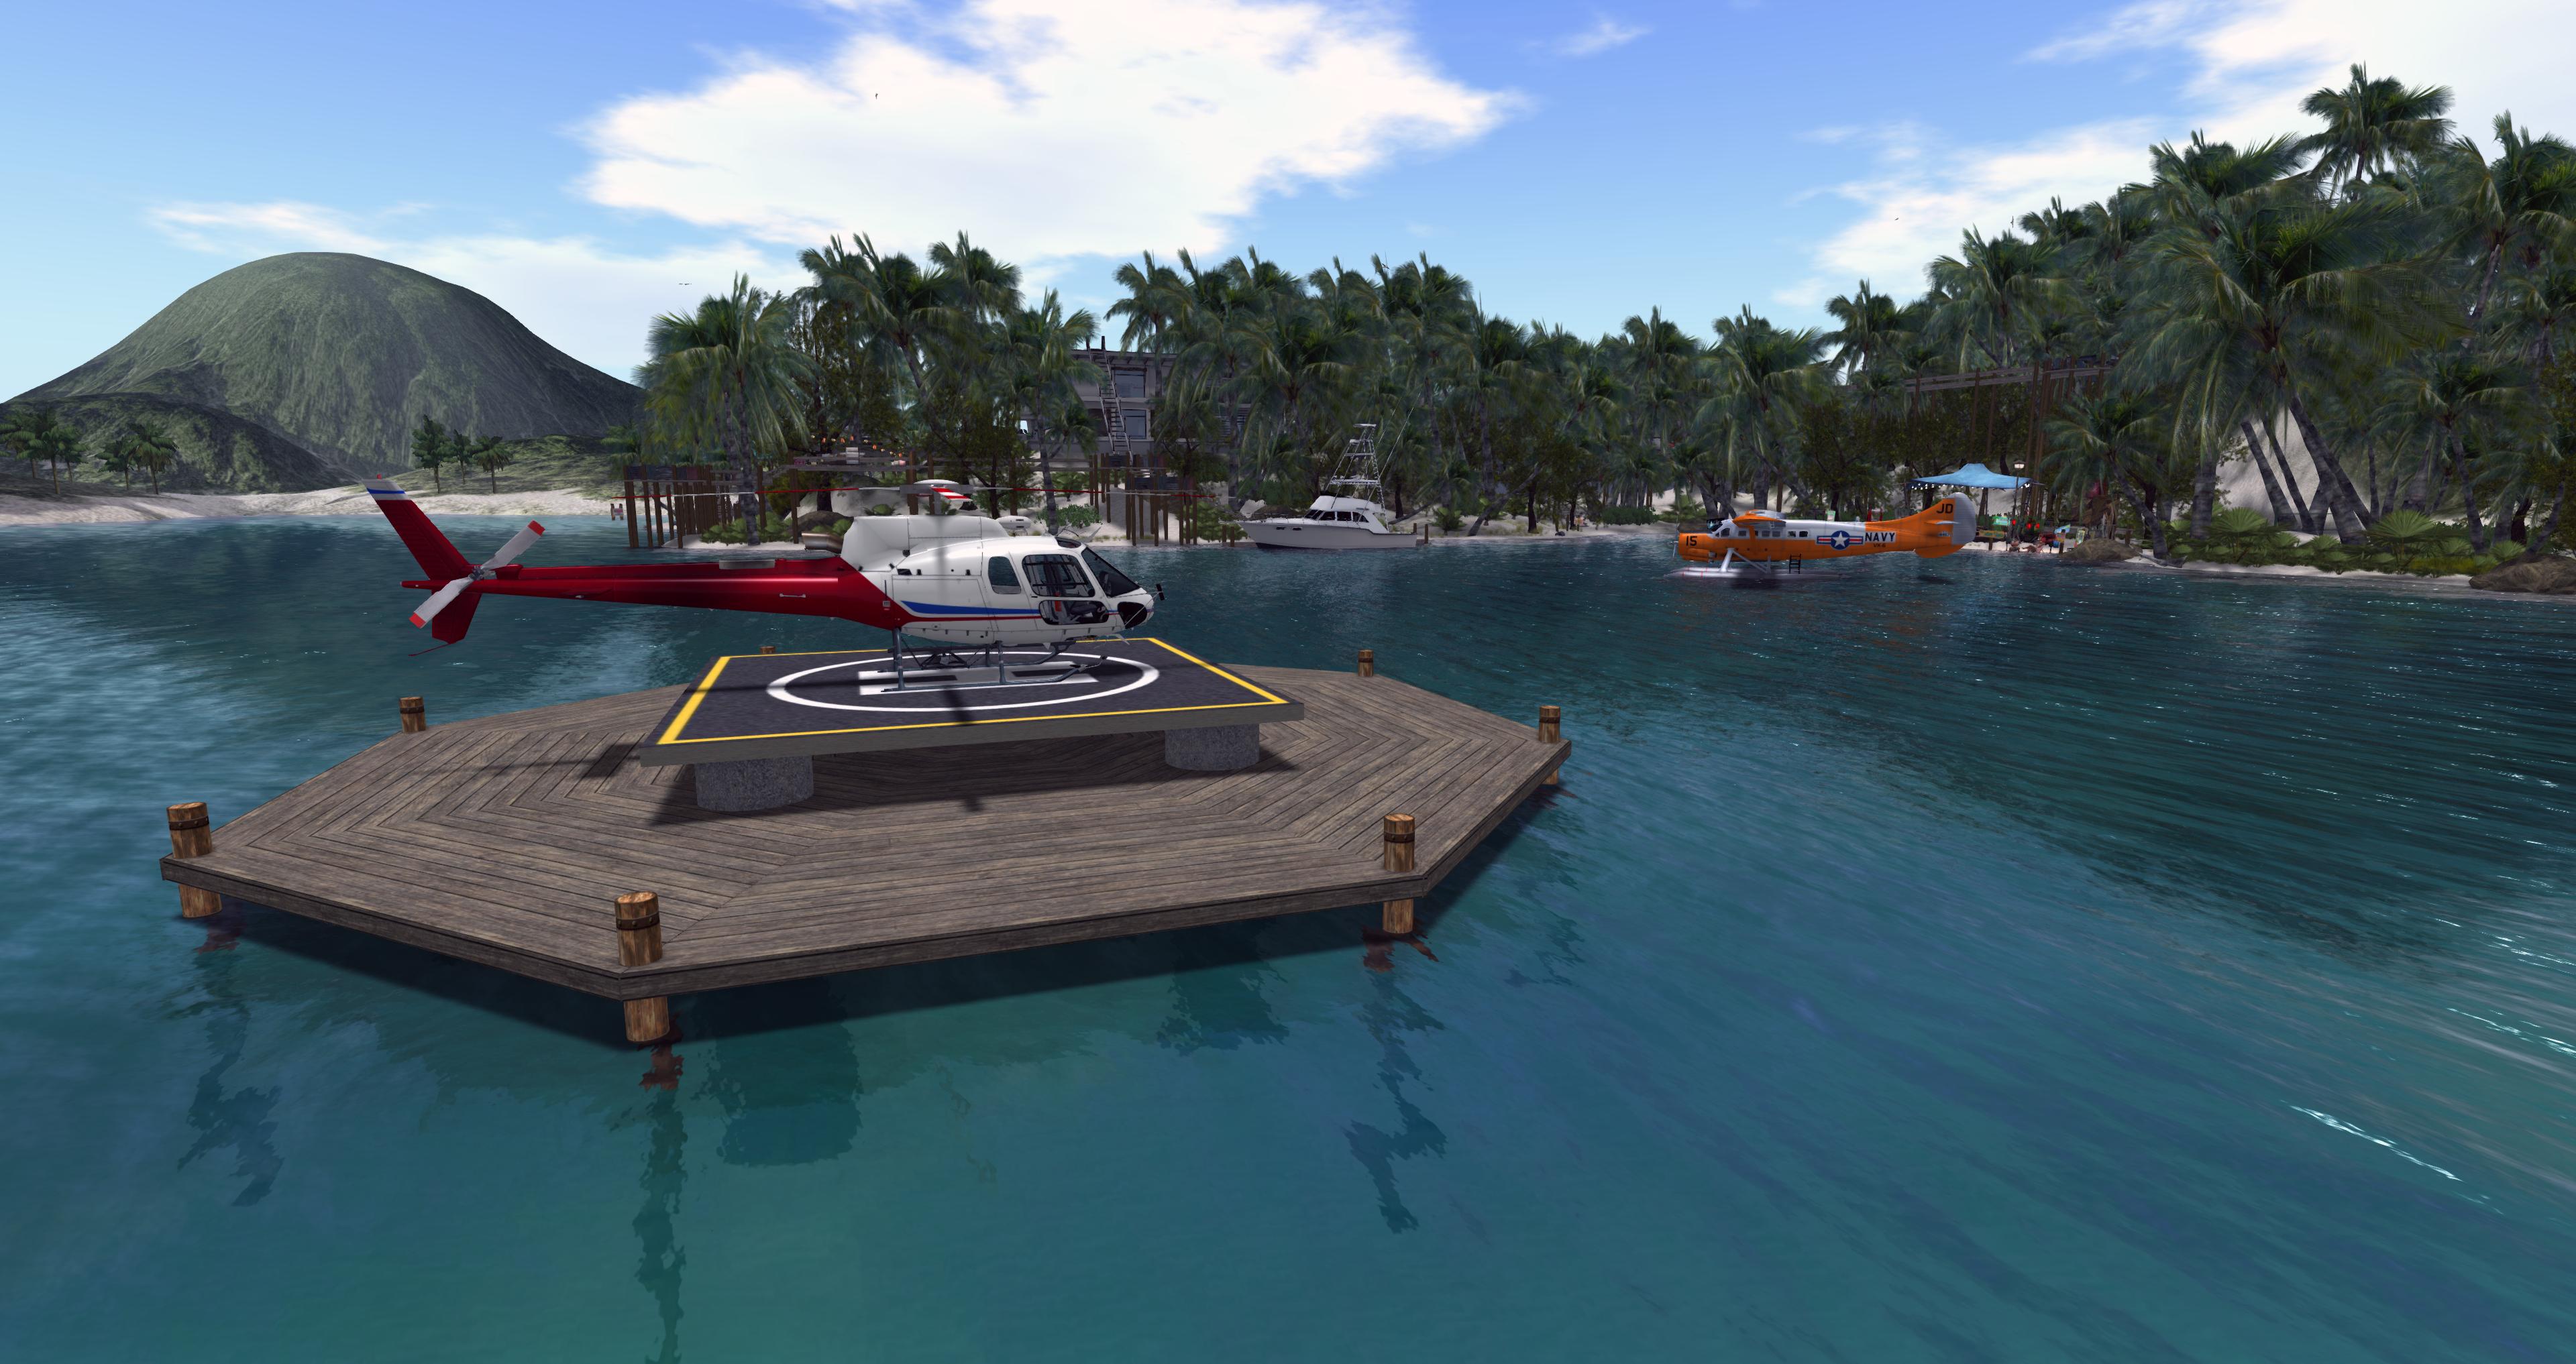 helipad dock